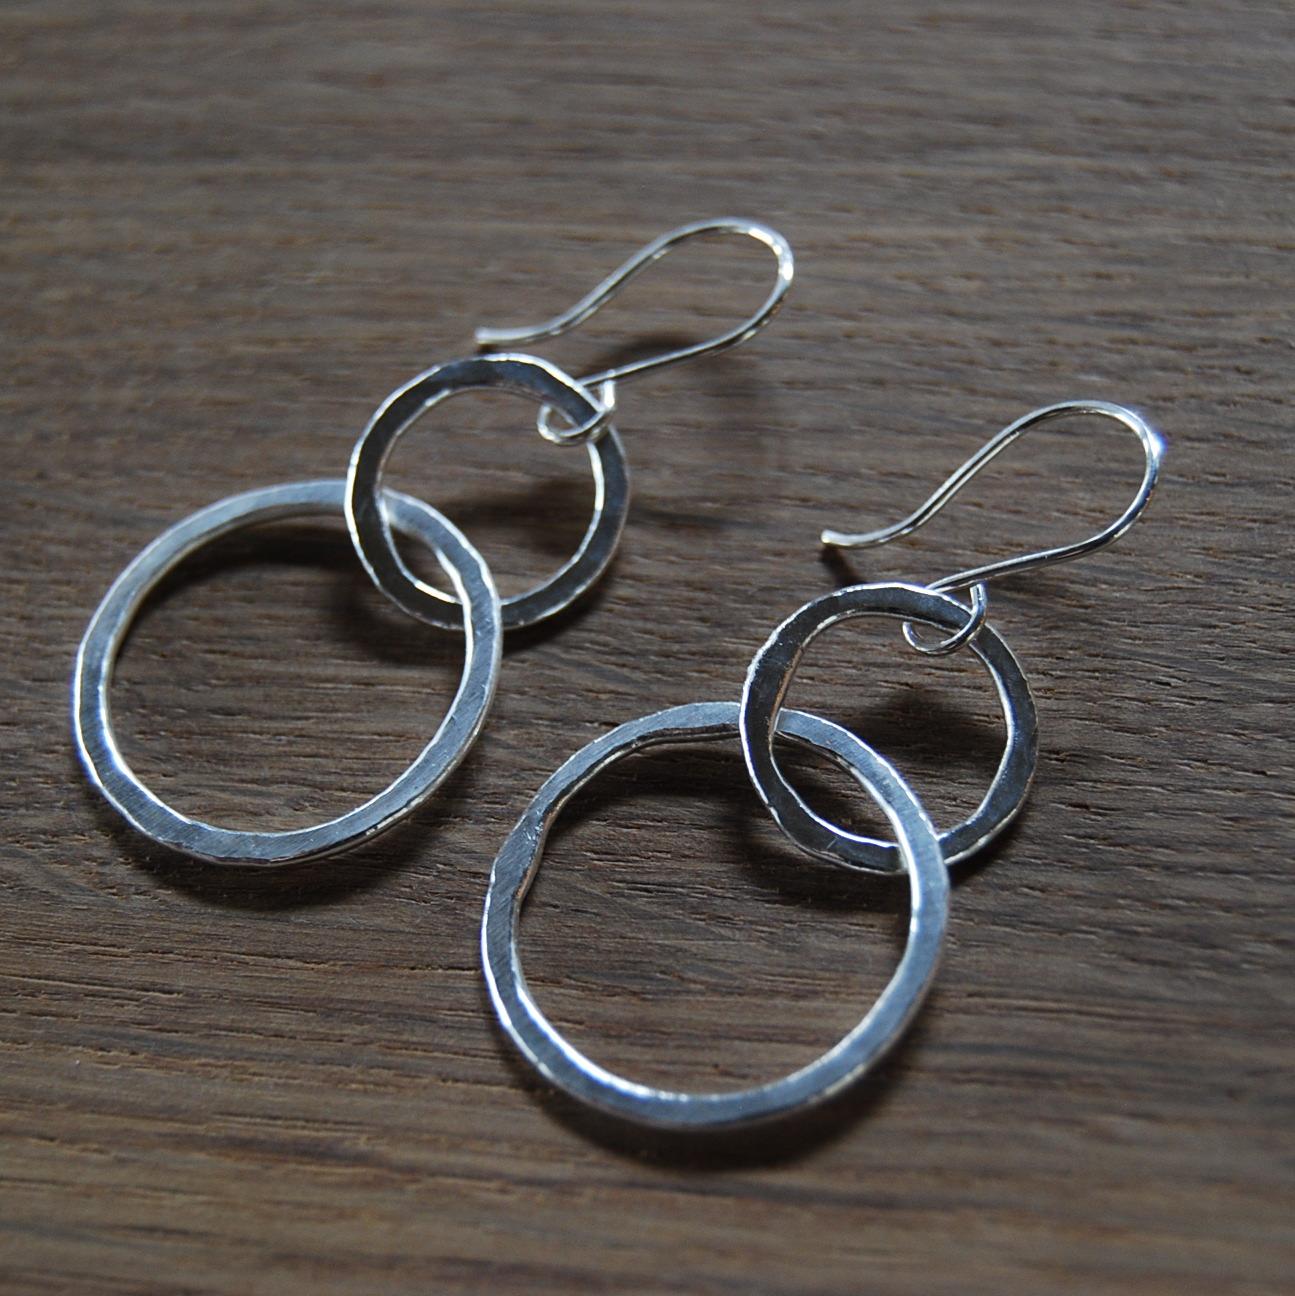 Fine Silver Fused Interlocking Rings Earrings (Sterling Silver Ear Wire)